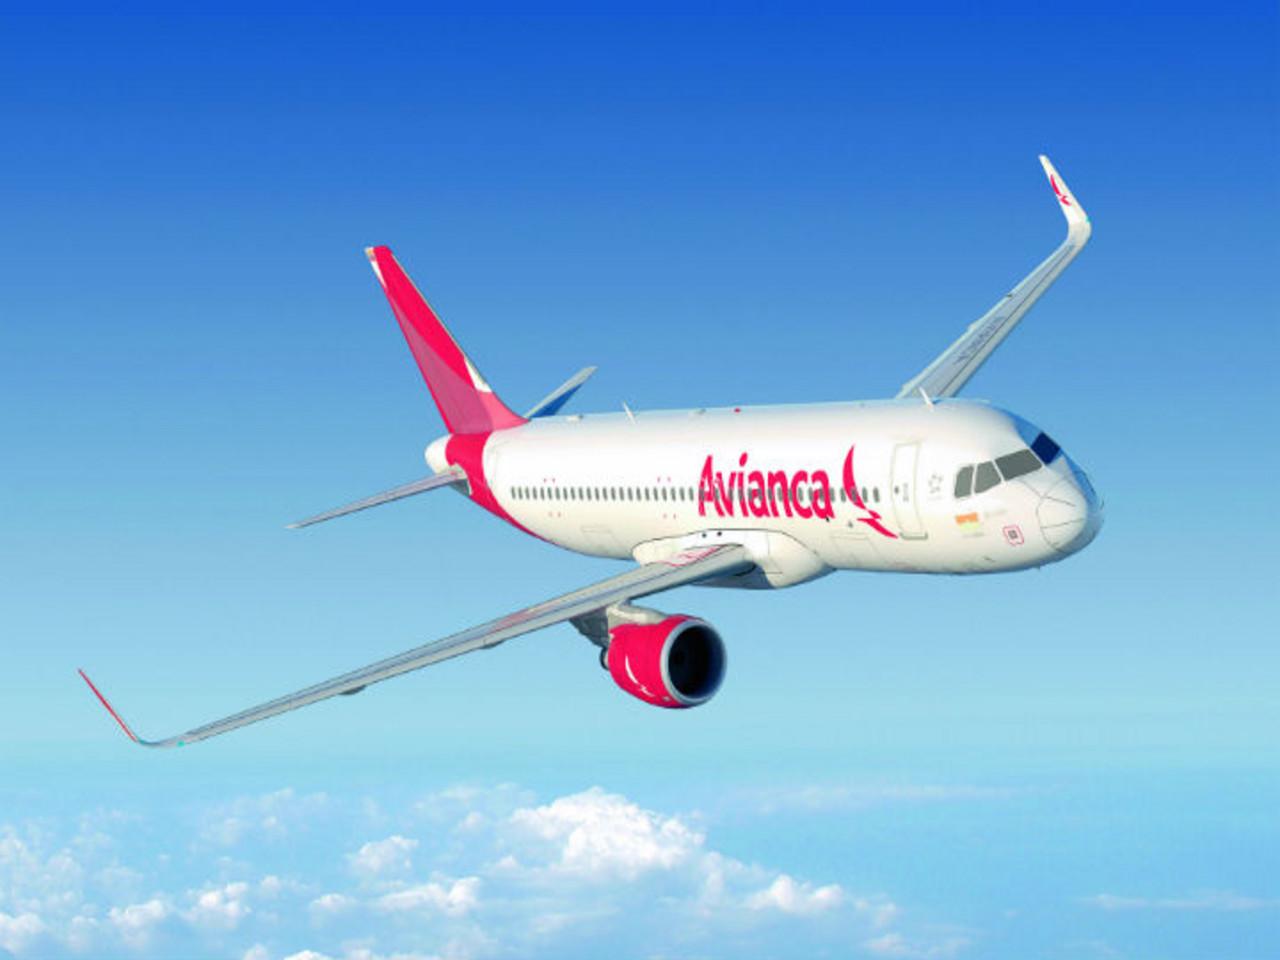 Avianca anuncia cancelación de 25 rutas no rentables y vende 24 aviones de su flota